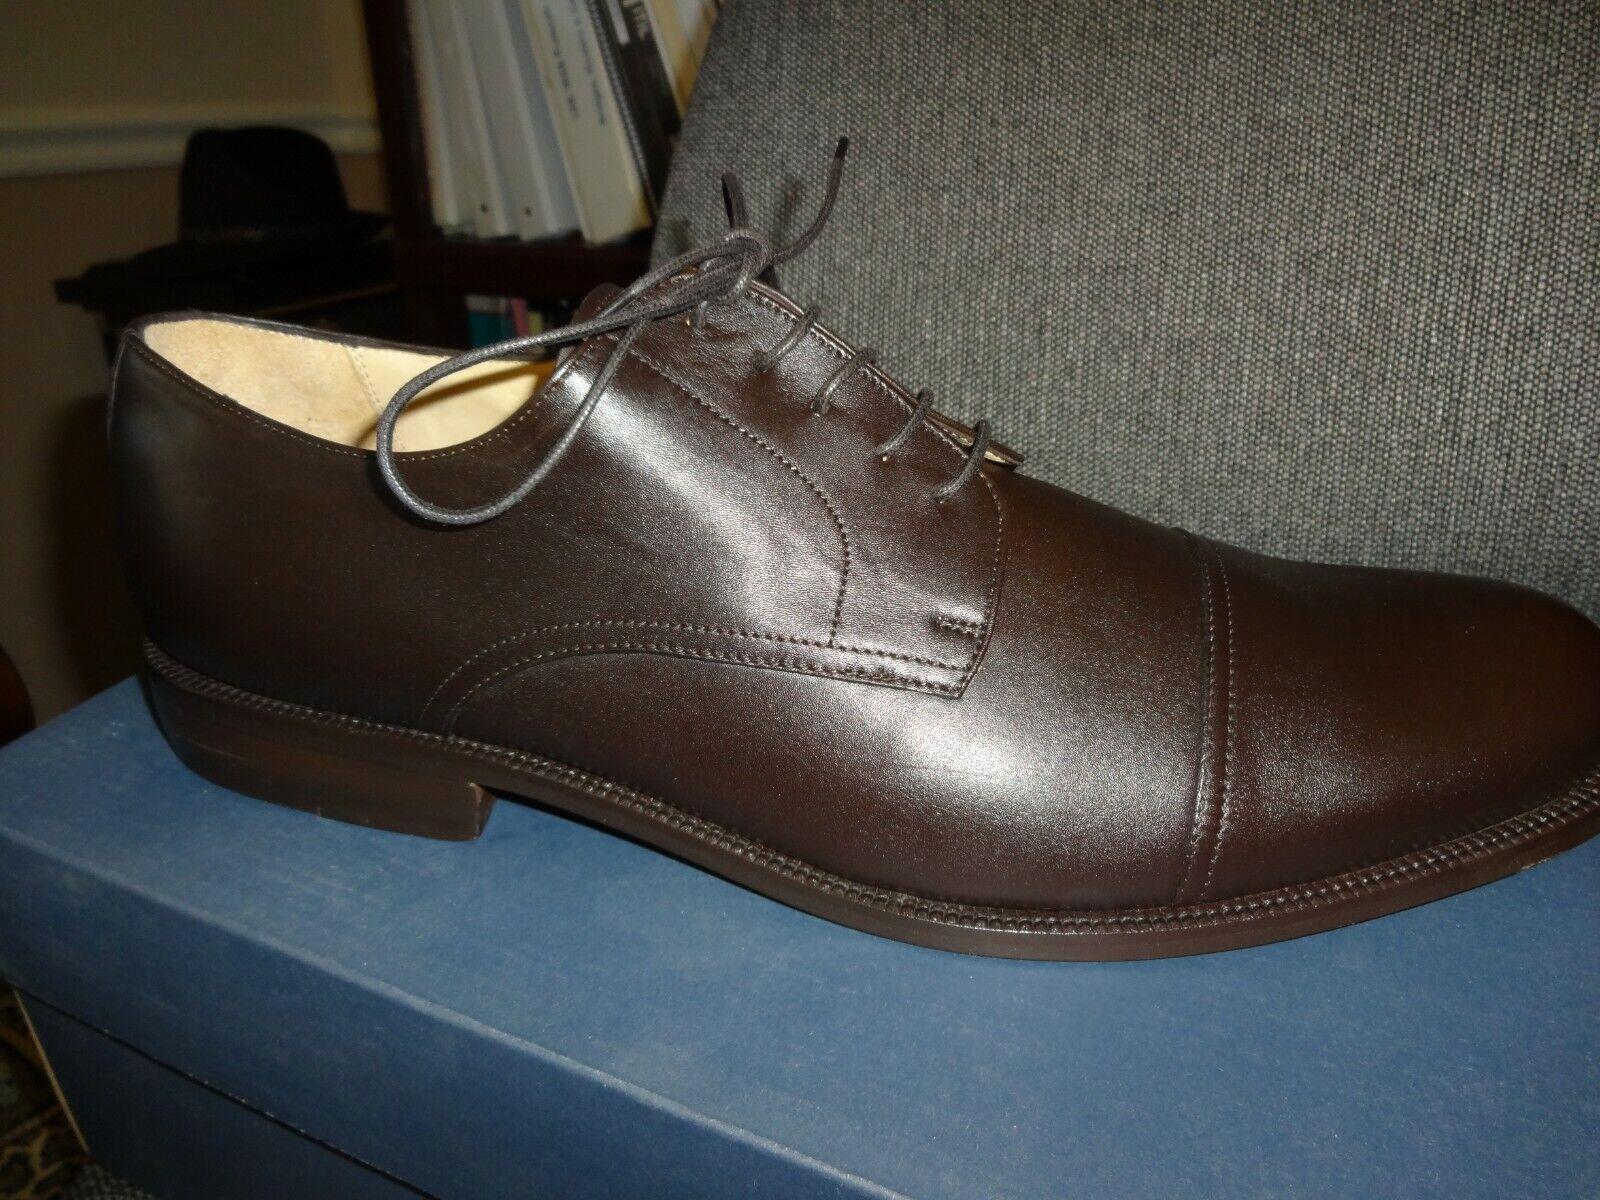 Zapatos masculinos de Huntley, cuero de Borgoña clásico, 14 anchos.